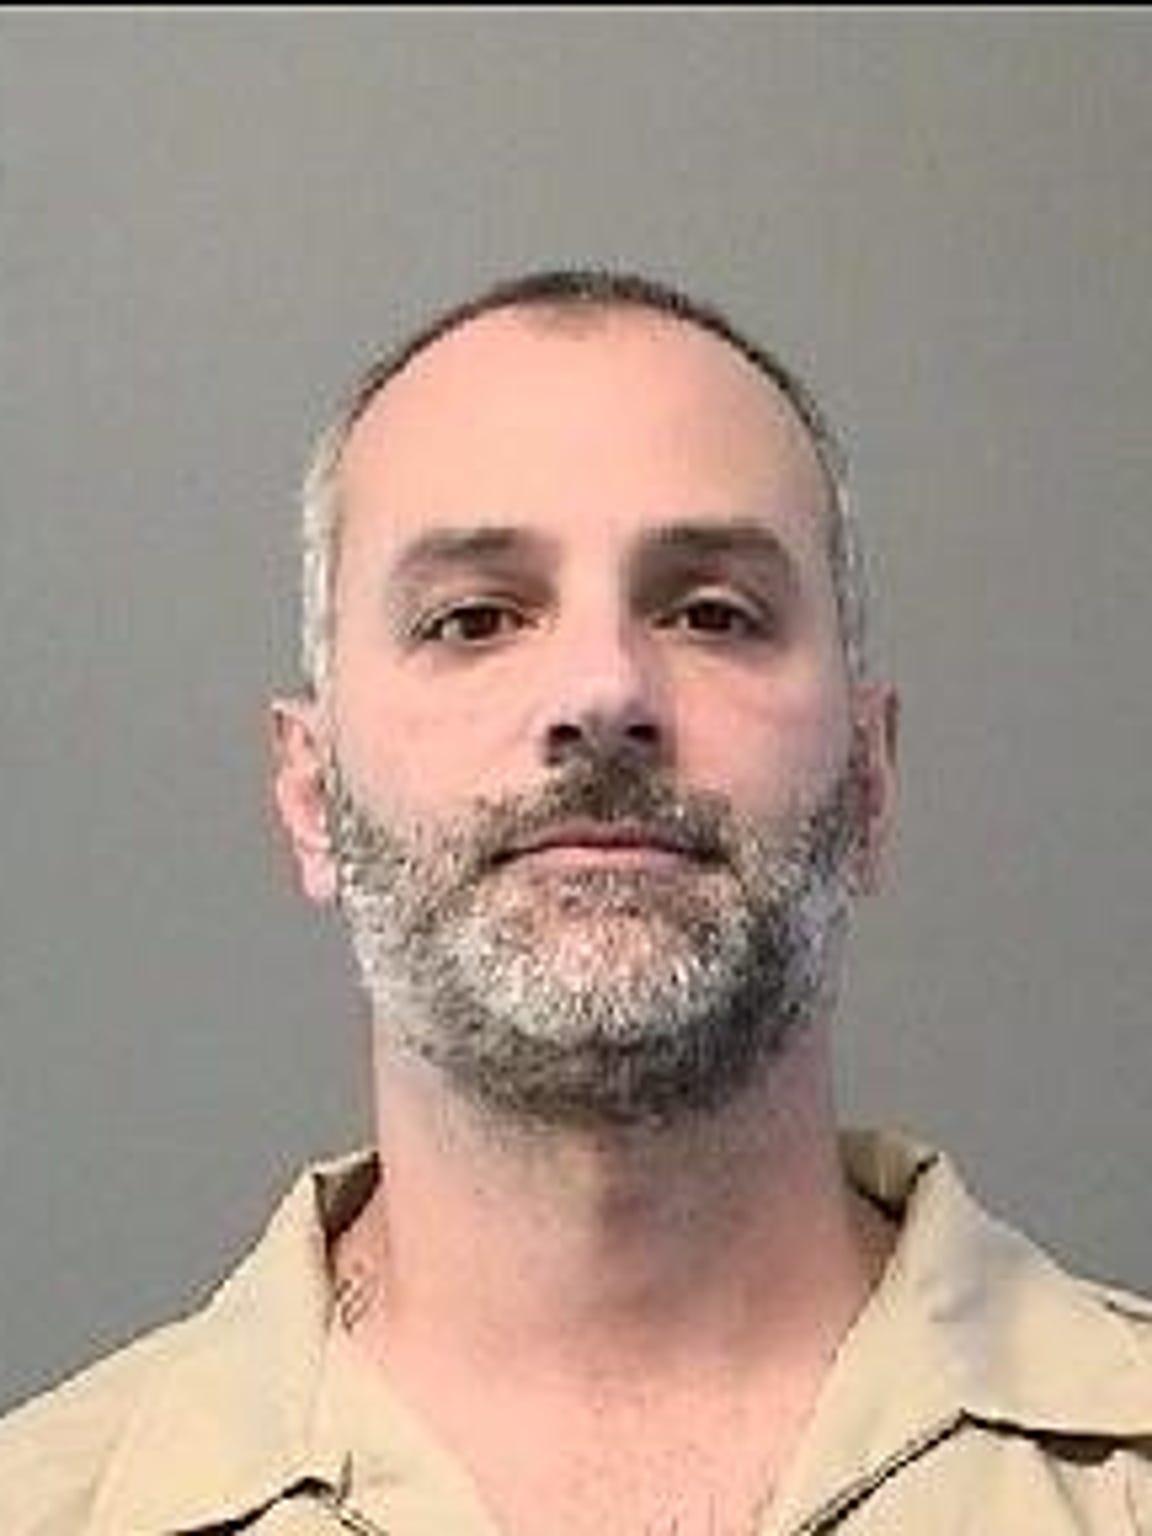 Former Edison police officer Michael Dotro's prison